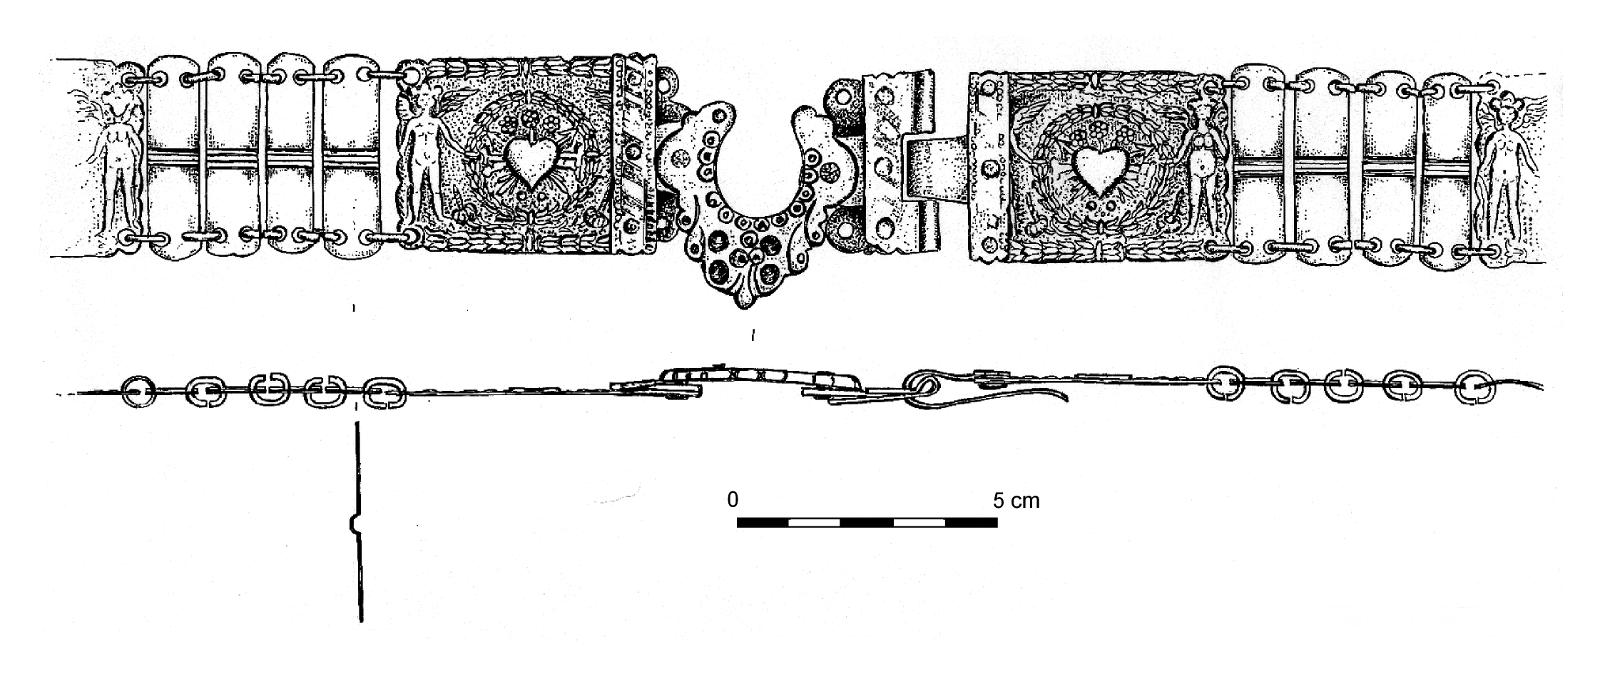 6 pav. Metalinio sudėtinio diržo iš Rusnės senkapių moters kapo nr. 18 priekinė dalis. LNM Archeologijos skyriaus fondai. Vario lydinys, sidabro dangos liekanos. Piešė A. Ruzienė / Fig. 6. Front part of a composite metal belt from Women's Grave 18, Rusnė Old Cemetery. Copper alloy with remnants of silver plating. LNM Archaeological Dept. Pinxit A. Ruzienė